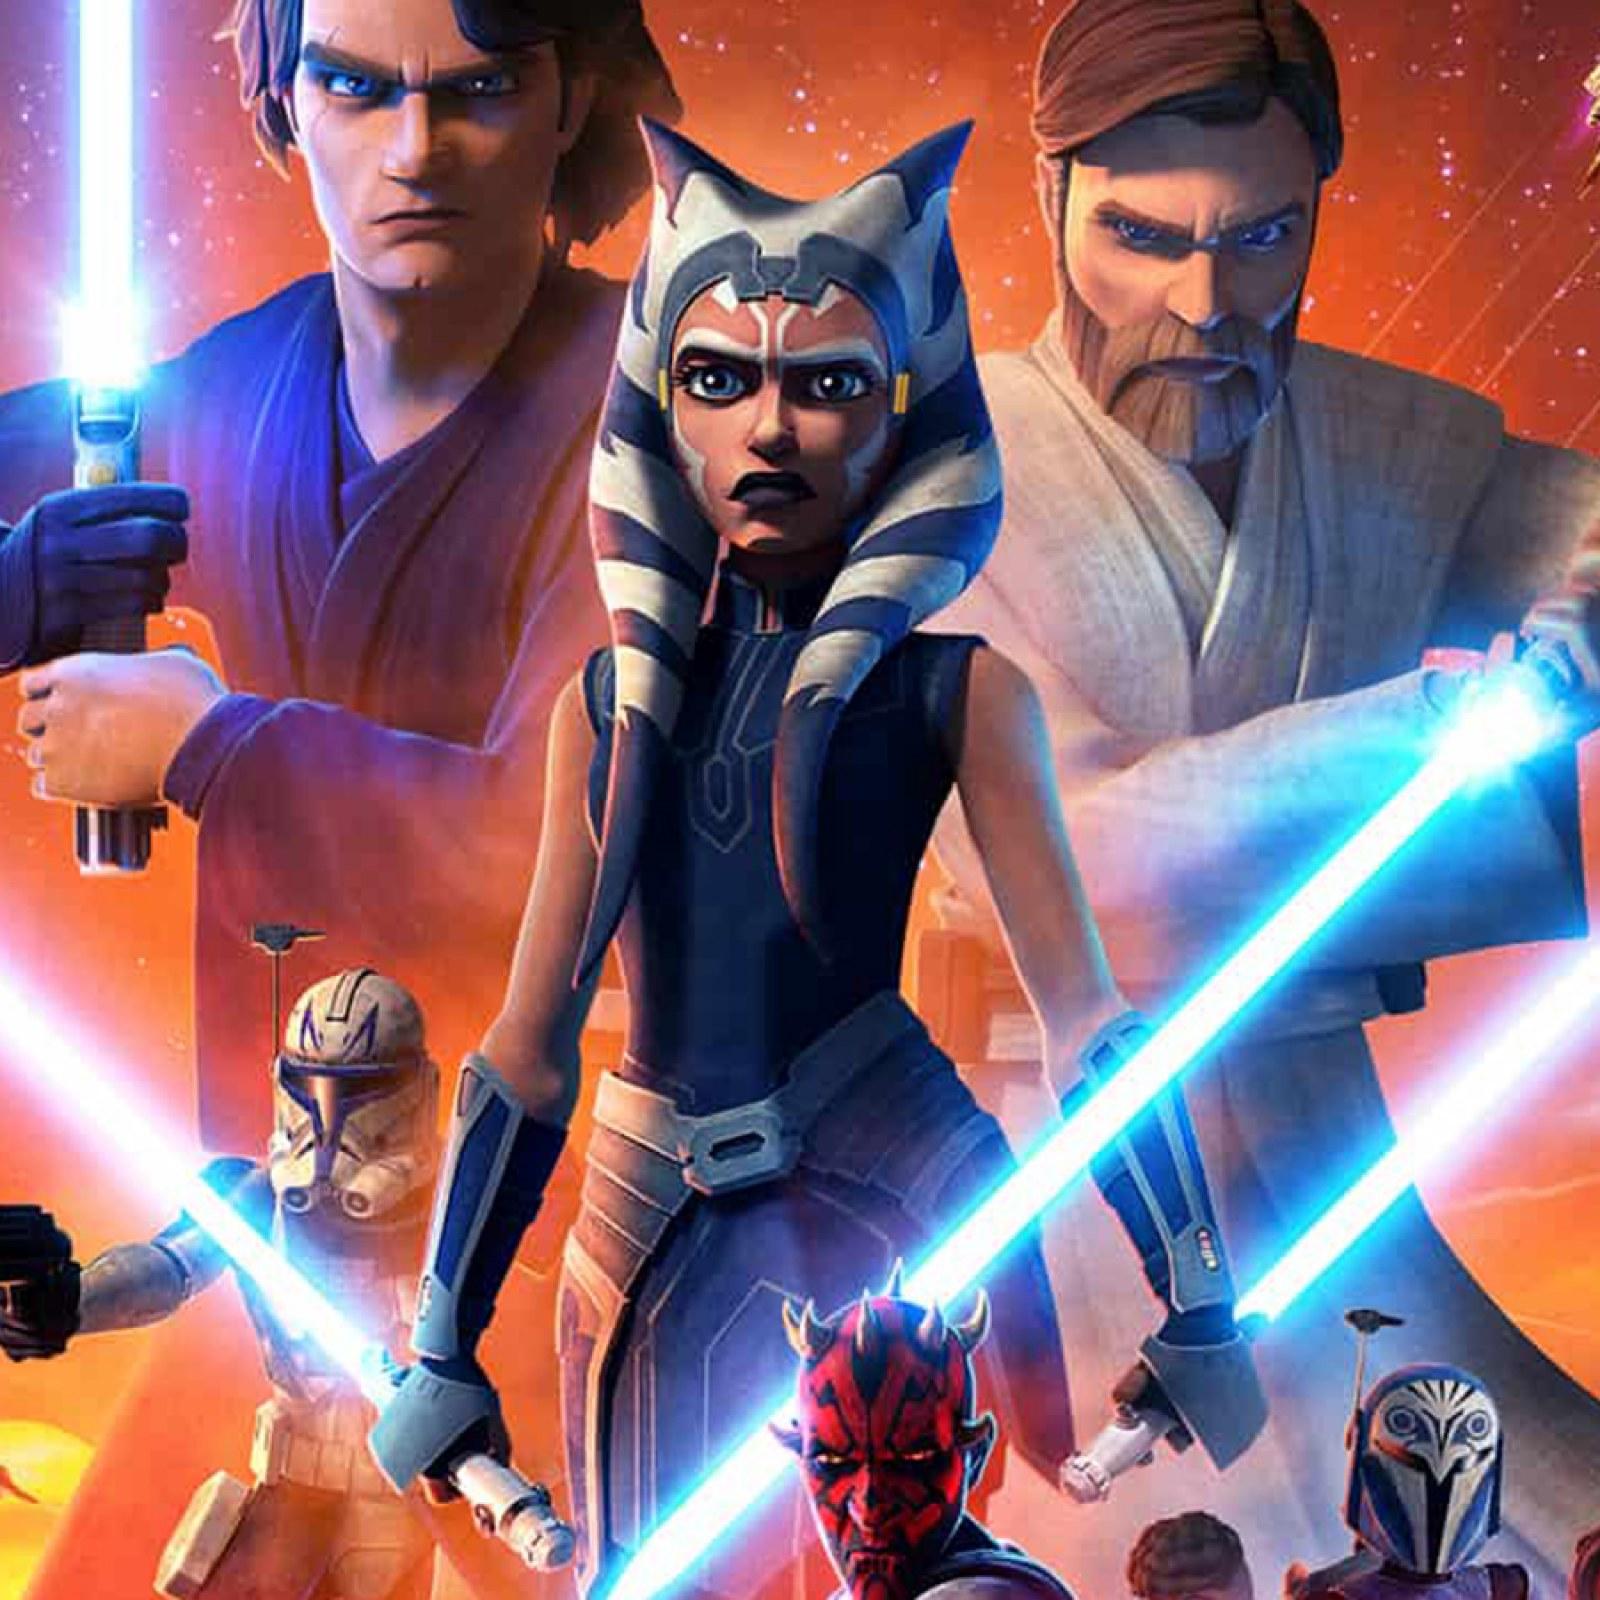 xem anime Phần 7 Chiến tranh giữa các vì sao -Star Wars: The Clone Wars 7